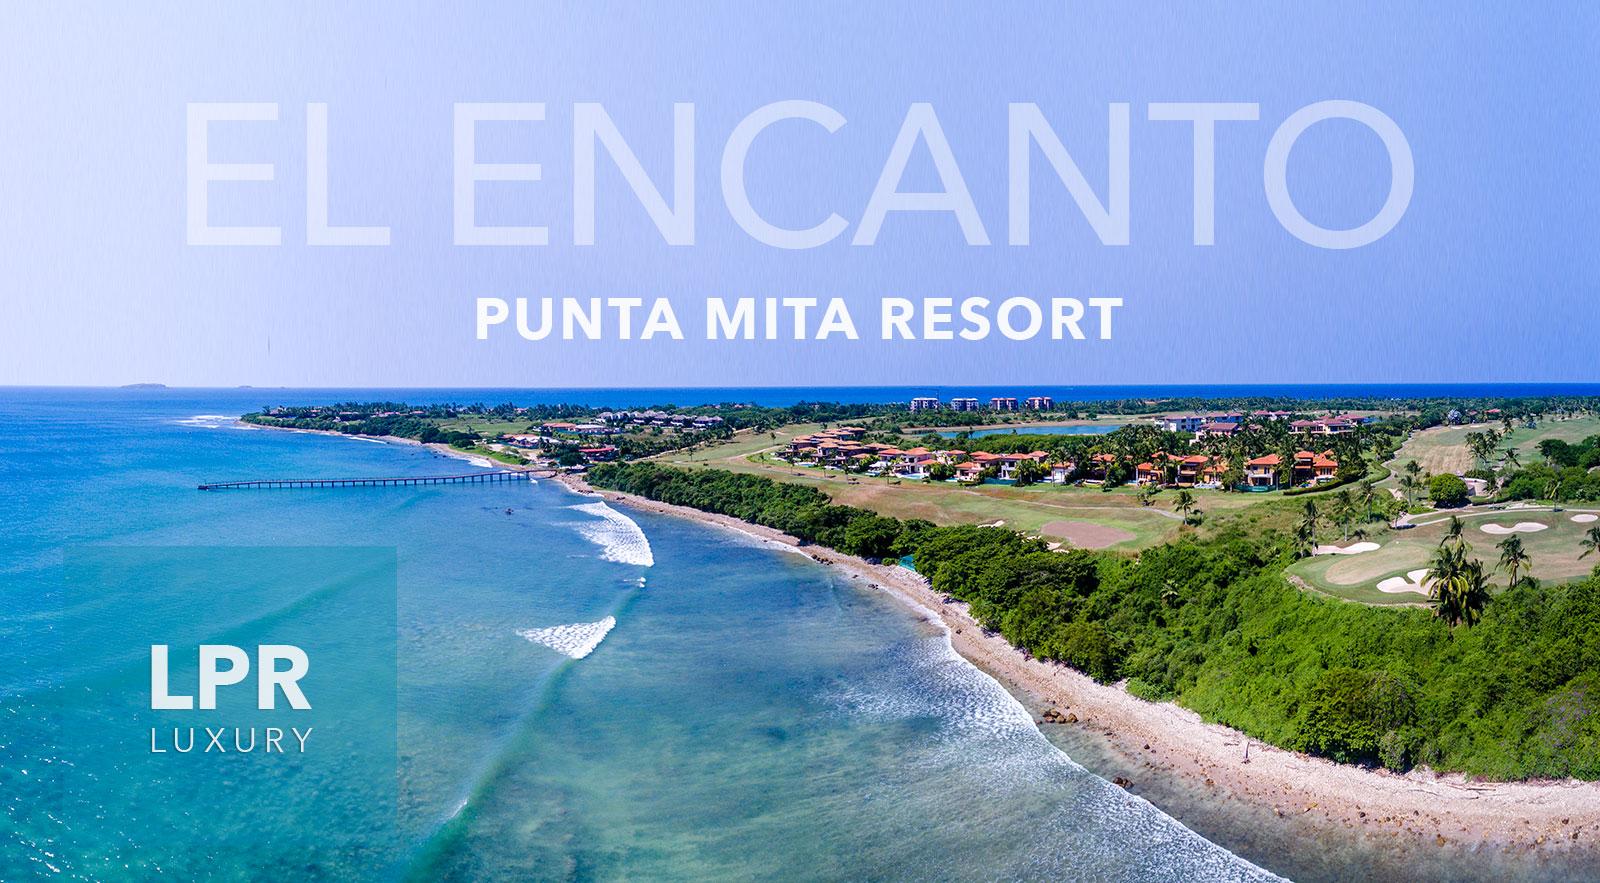 El Encanto - Villas. Townhouses and Condos - Luxury Real Estate at the Punta Mita Resort, Riviera Nayarit, Mexico